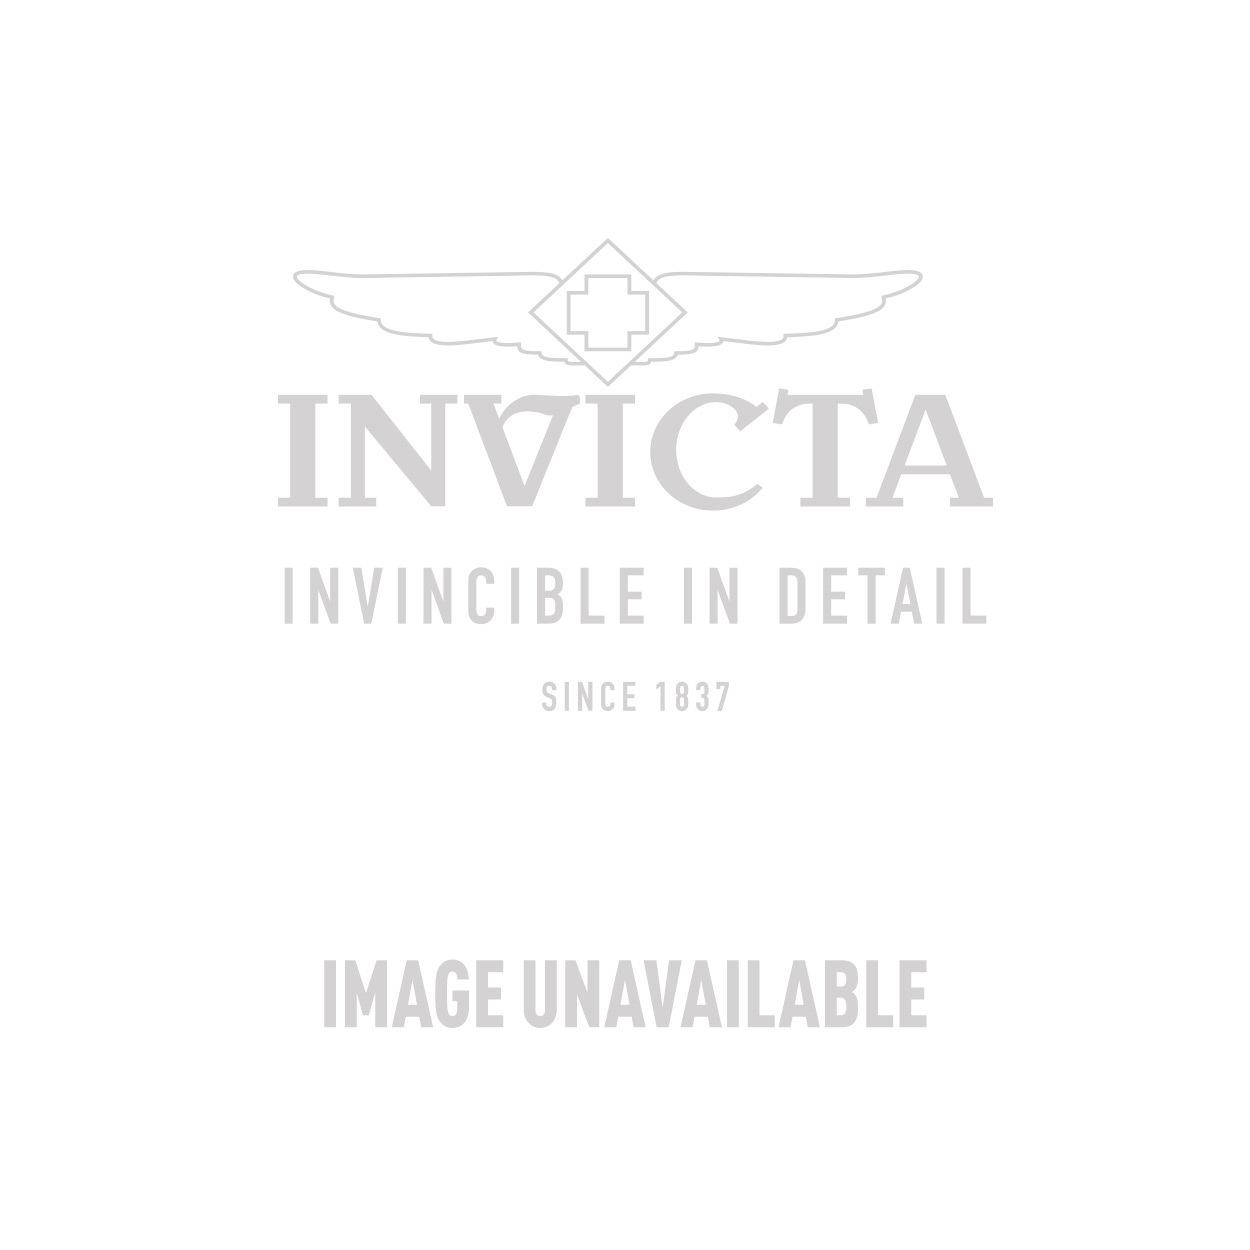 Invicta Model 29175